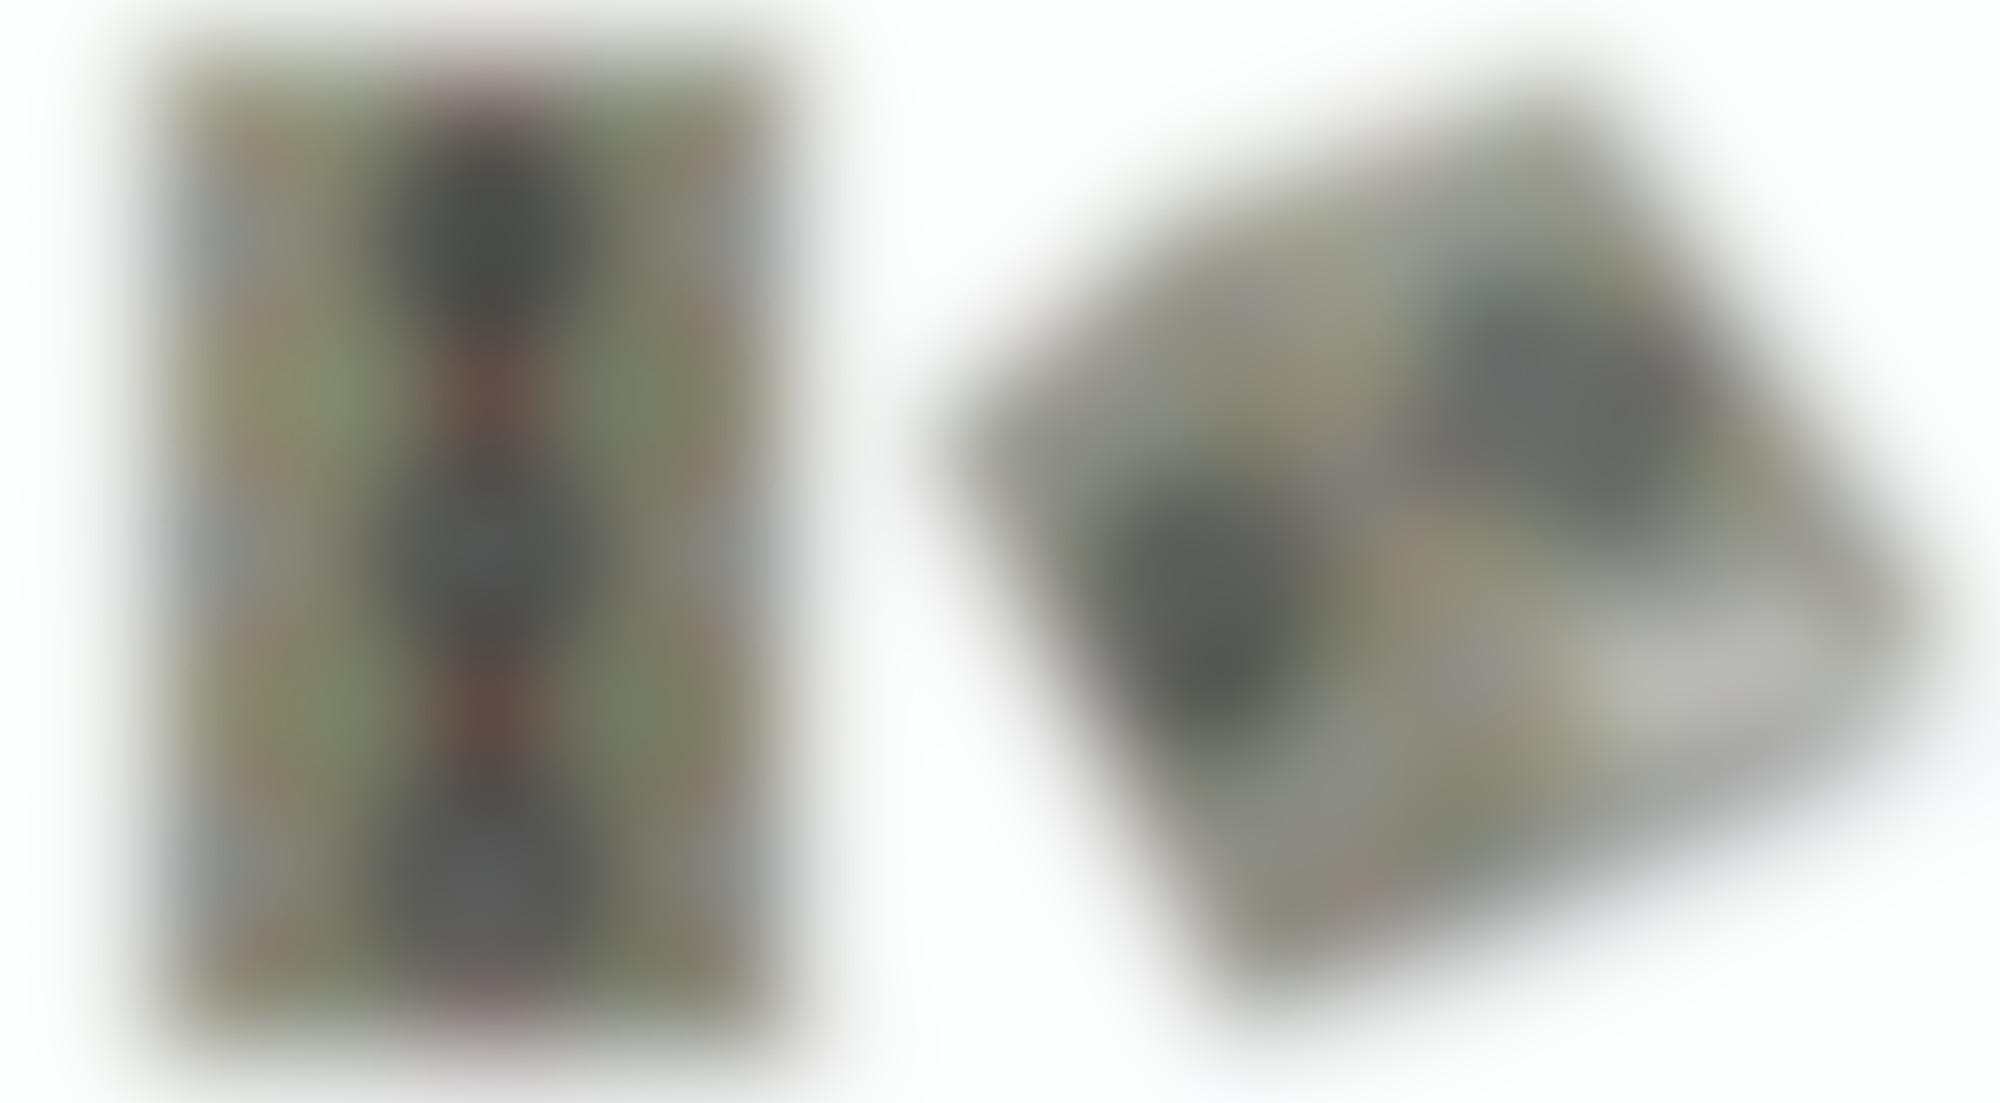 YT1 autocompressfitresizeixlibphp 1 1 0max h2000max w3 D2000q80sfc2e434a0f5e149fd6160ad6b4e10e73